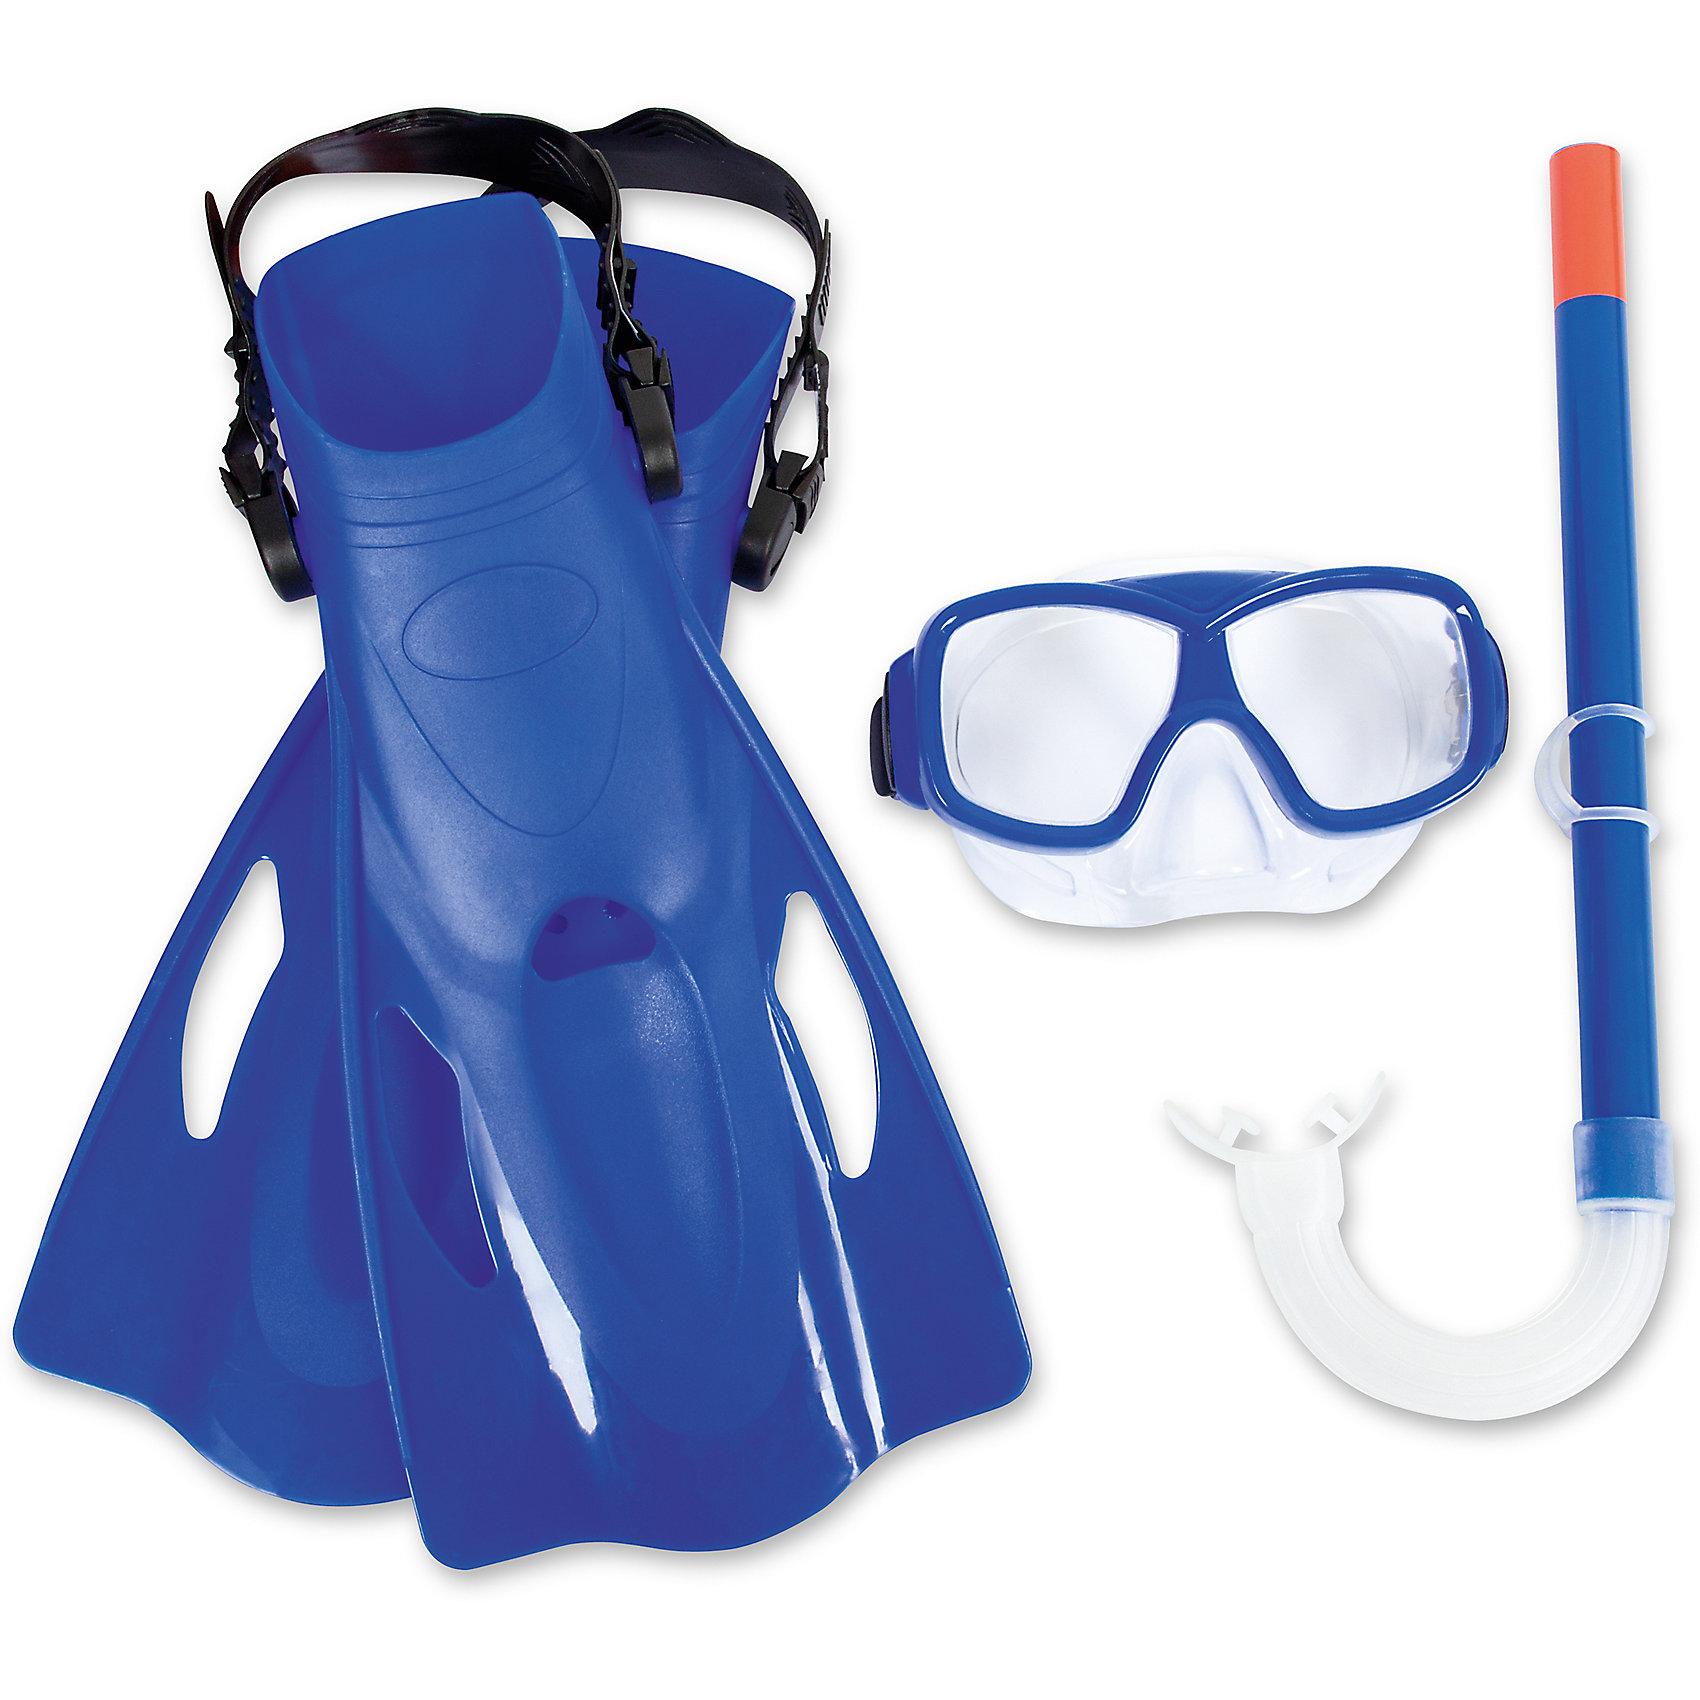 Набор для ныряния SureSwim подростковый, Bestway, синийОчки, маски, ласты, шапочки<br>Характеристики товара:<br><br>• возраст от 7 лет;<br>• материал: пластик, поликарбонат, латекс;<br>• в комплекте: маска, трубка, ласты;<br>• размер ласт 39-42;<br>• размер упаковки 41х11х21 см;<br>• вес упаковки 614 гр.;<br>• страна производитель: Китай.<br><br>Набор для ныряния Bestway SureSwim синий позволит активно провести время. Набор включает в себя все необходимое для подводного плавания. Маска плотно прилегает к лицу, препятствуя попаданию воды в глаза. Линзы из поликарбоната обеспечивают хороший обзор. Ремешок настраивается под нужный размер. Трубка позволяет оставаться под водой длительное время. Загубник трубки может изменять положение. Ласты крепятся при помощи ремешка, который регулируется в зависимости от размера. <br><br>Набор для ныряния подростковый Bestway SureSwim синий можно приобрести в нашем интернет-магазине.<br><br>Ширина мм: 360<br>Глубина мм: 180<br>Высота мм: 115<br>Вес г: 614<br>Возраст от месяцев: 96<br>Возраст до месяцев: 168<br>Пол: Мужской<br>Возраст: Детский<br>SKU: 5613190